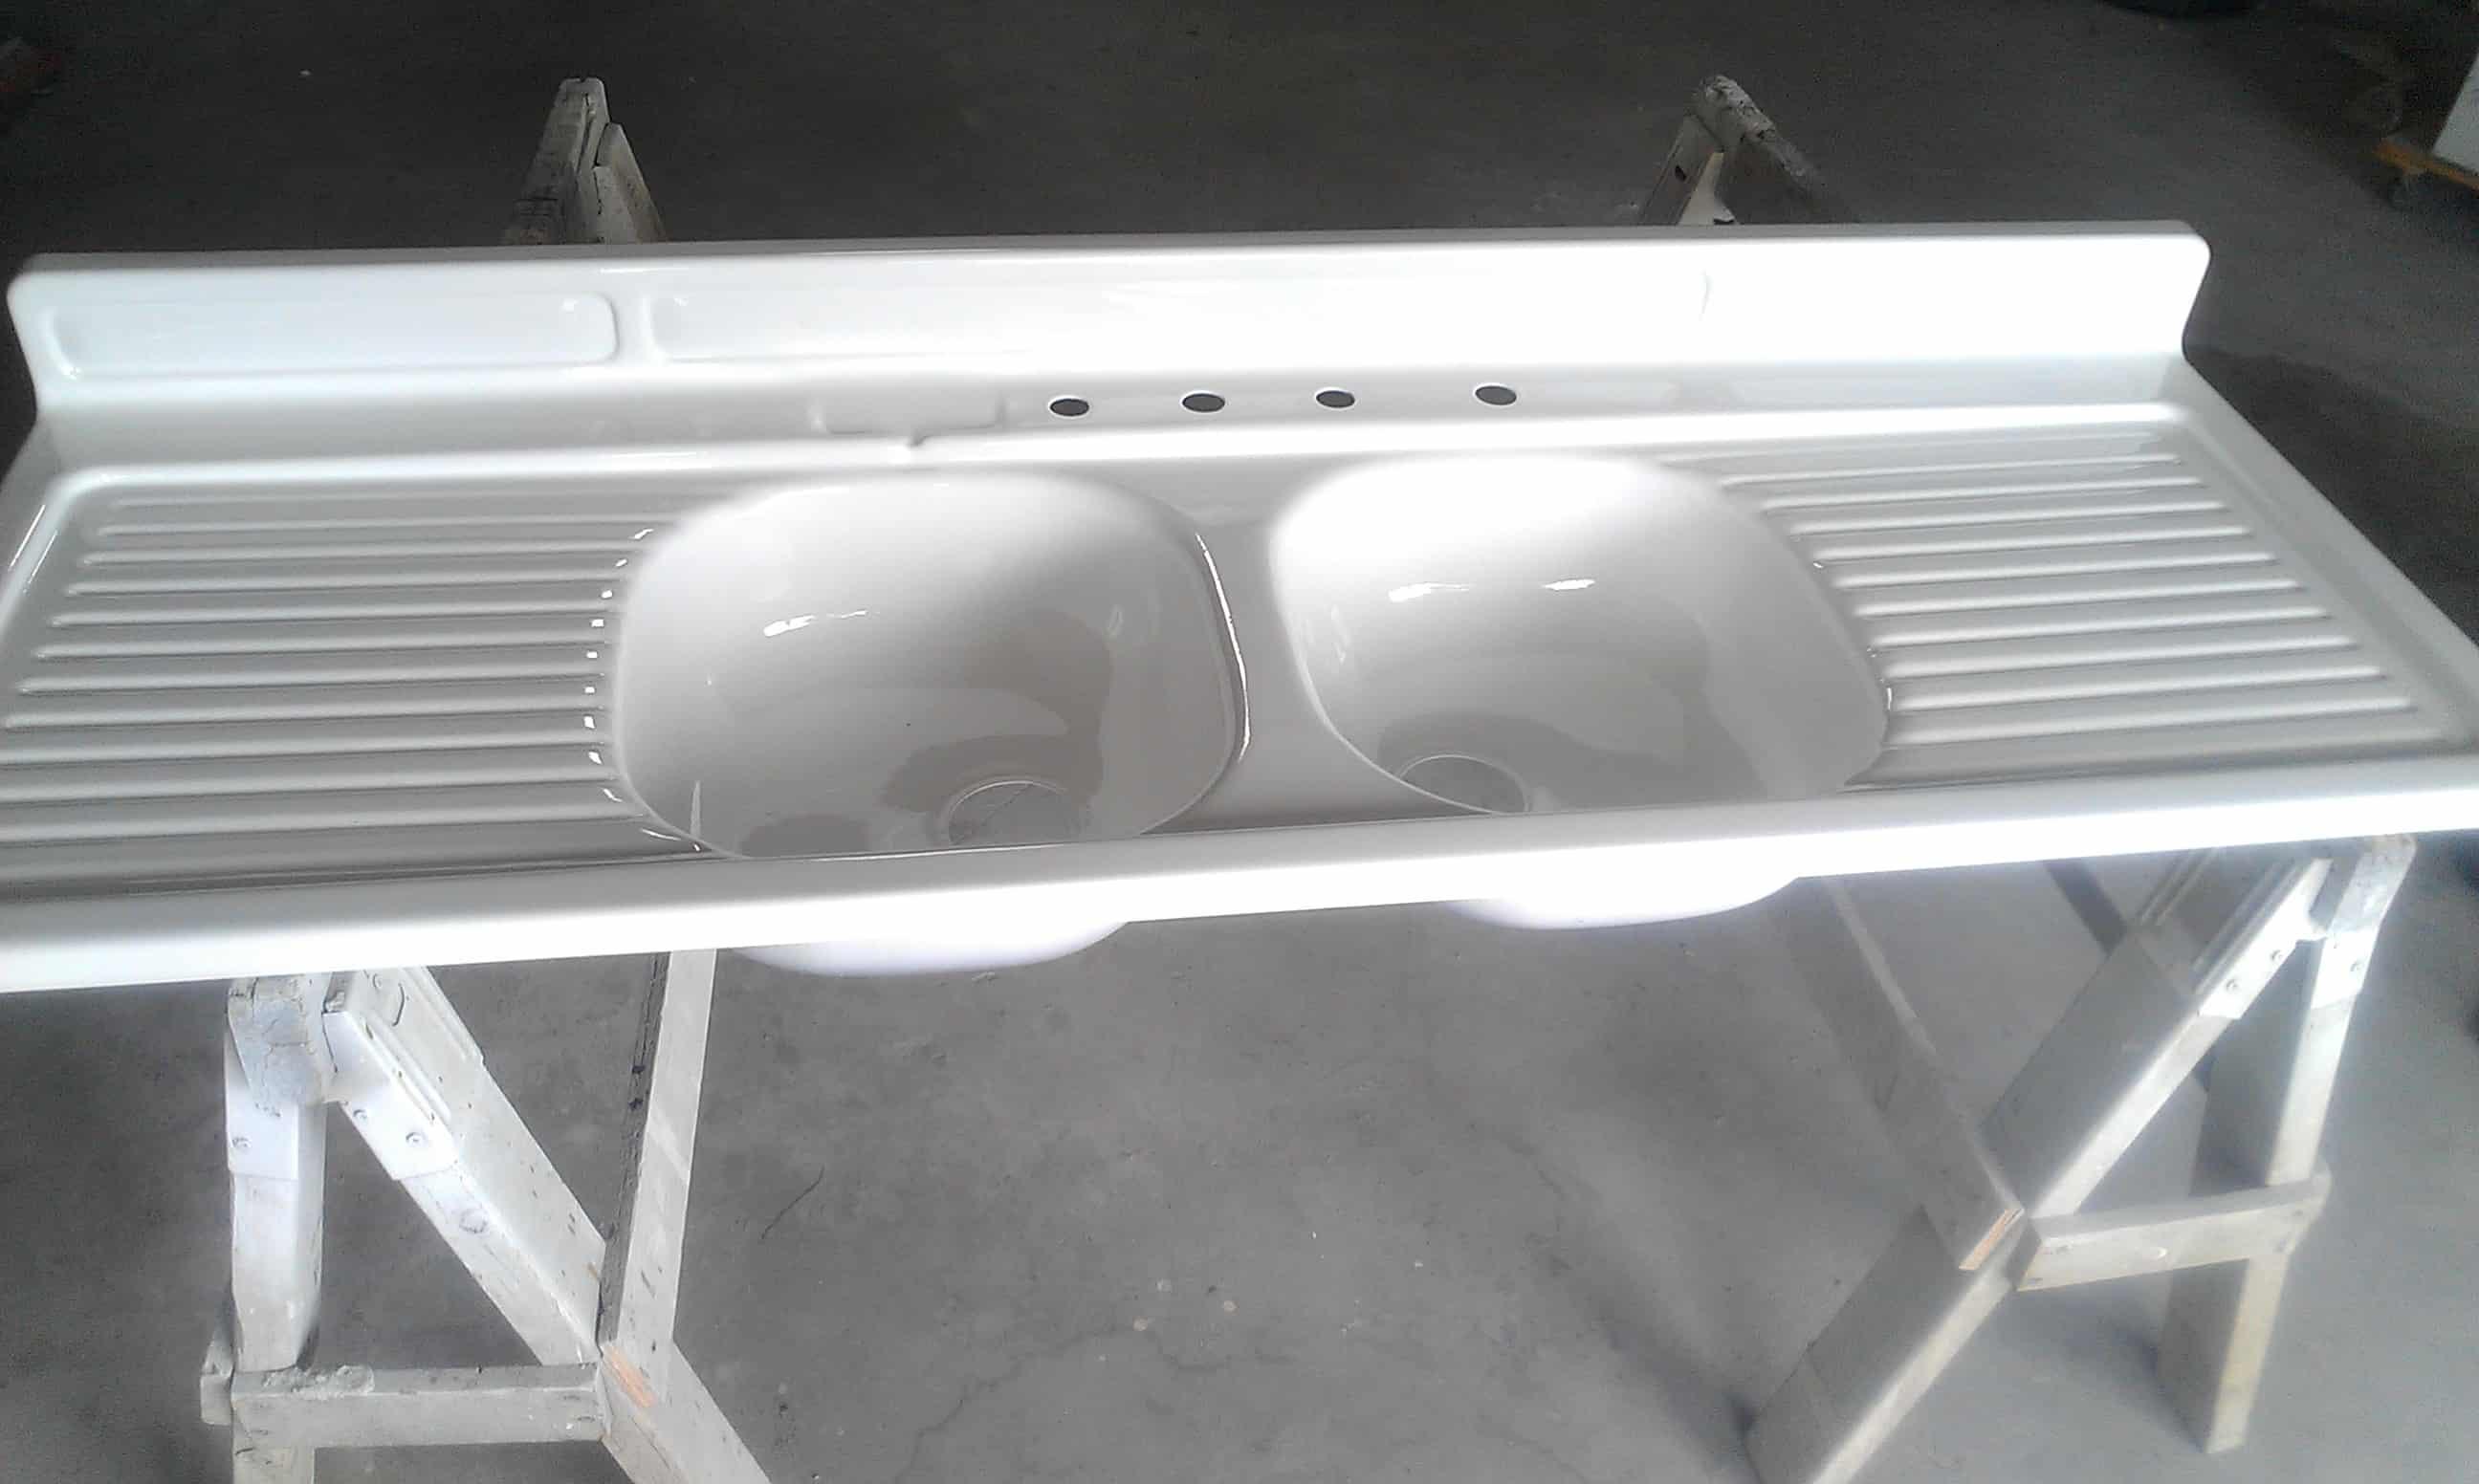 refinish porcelain sink refinish kitchen sink Enamel over steel kitchen sink refinishing Kitchen Sink Refinishing Maryland Wash DC N Virginia